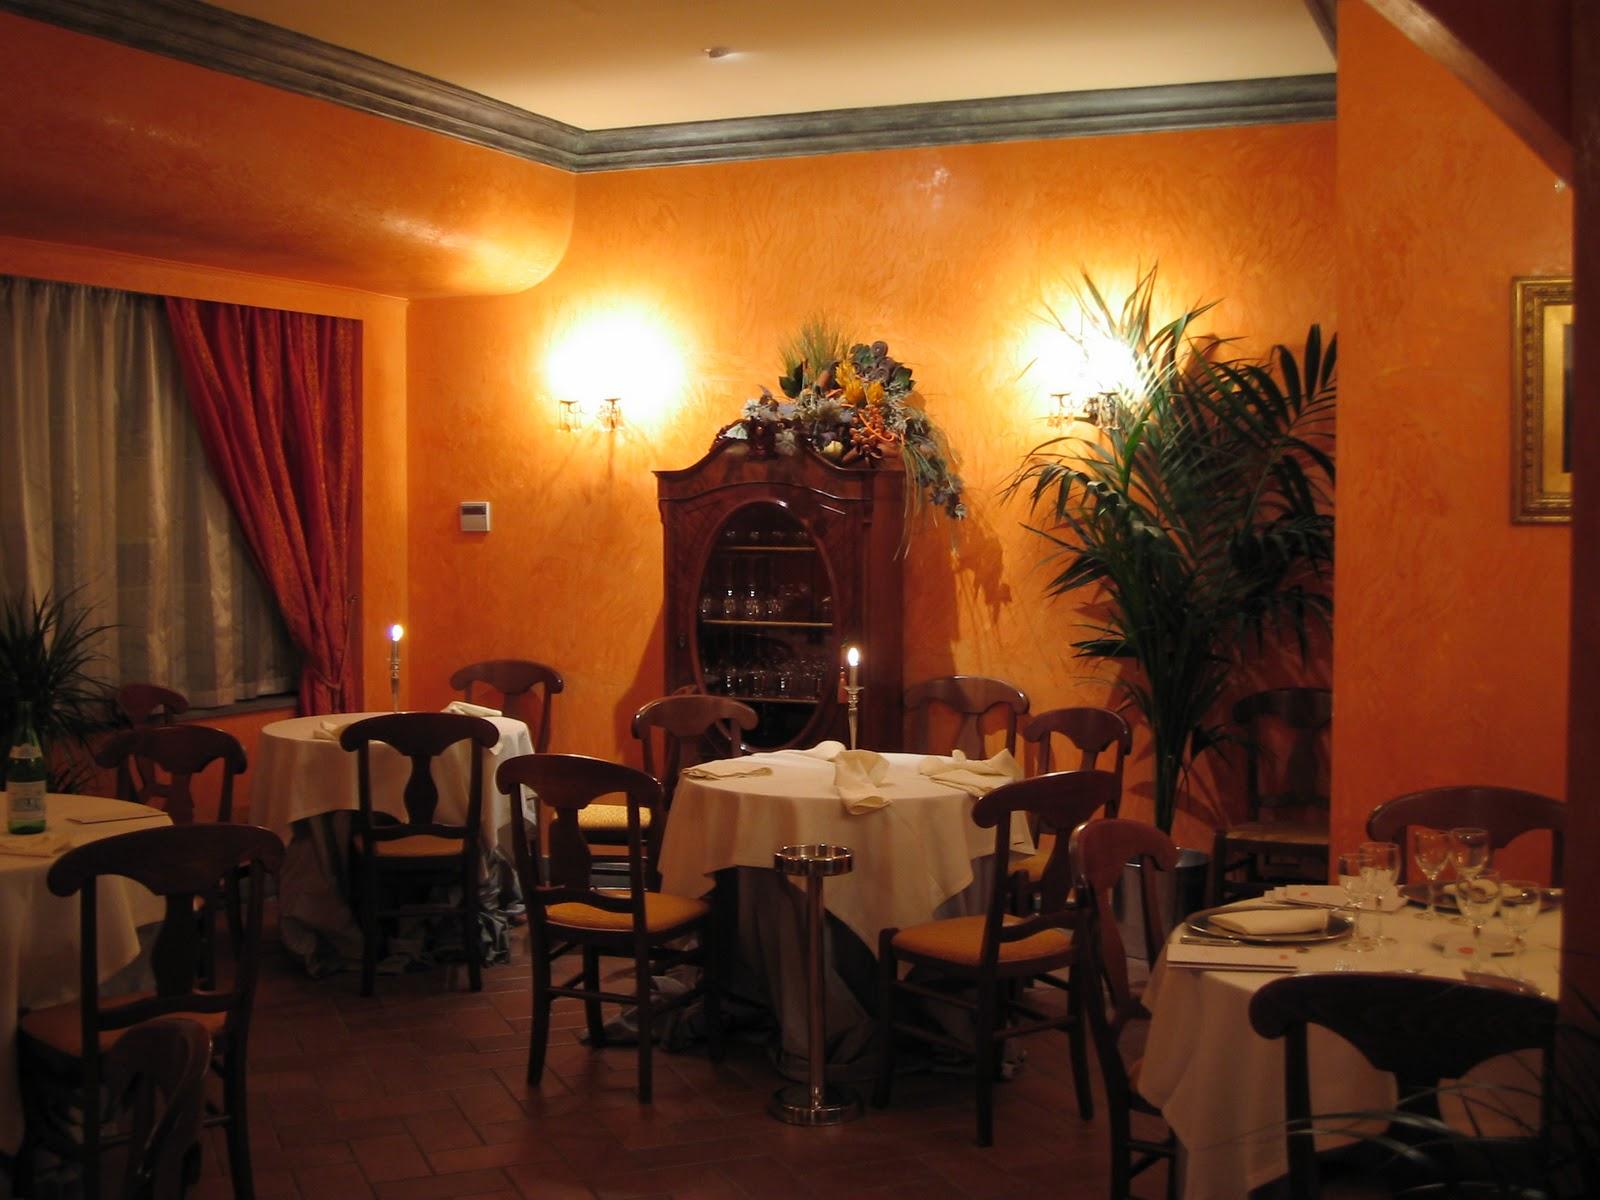 interior designe ddb veltri arredo ristorante la corniola